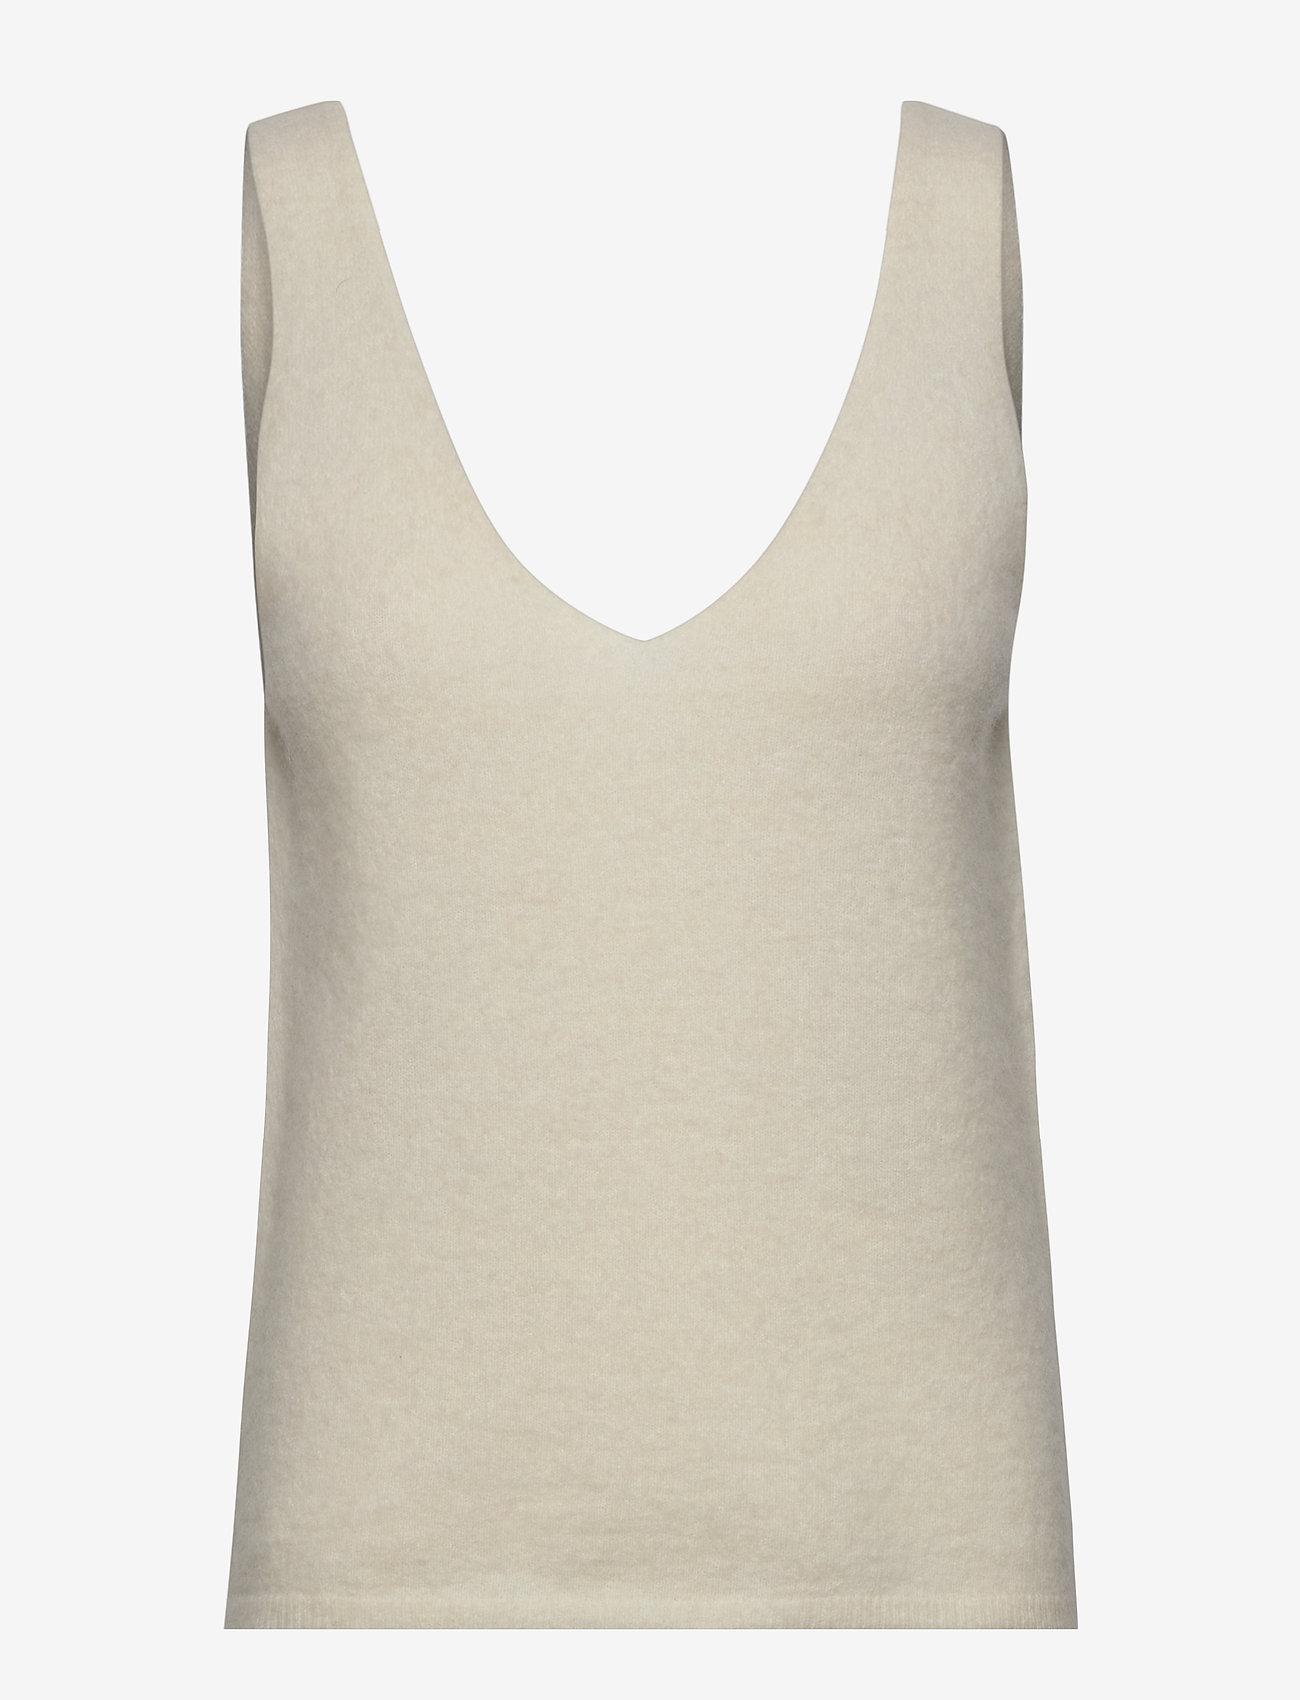 Stylein - ETOILE TOP - tops zonder mouwen - white - 1